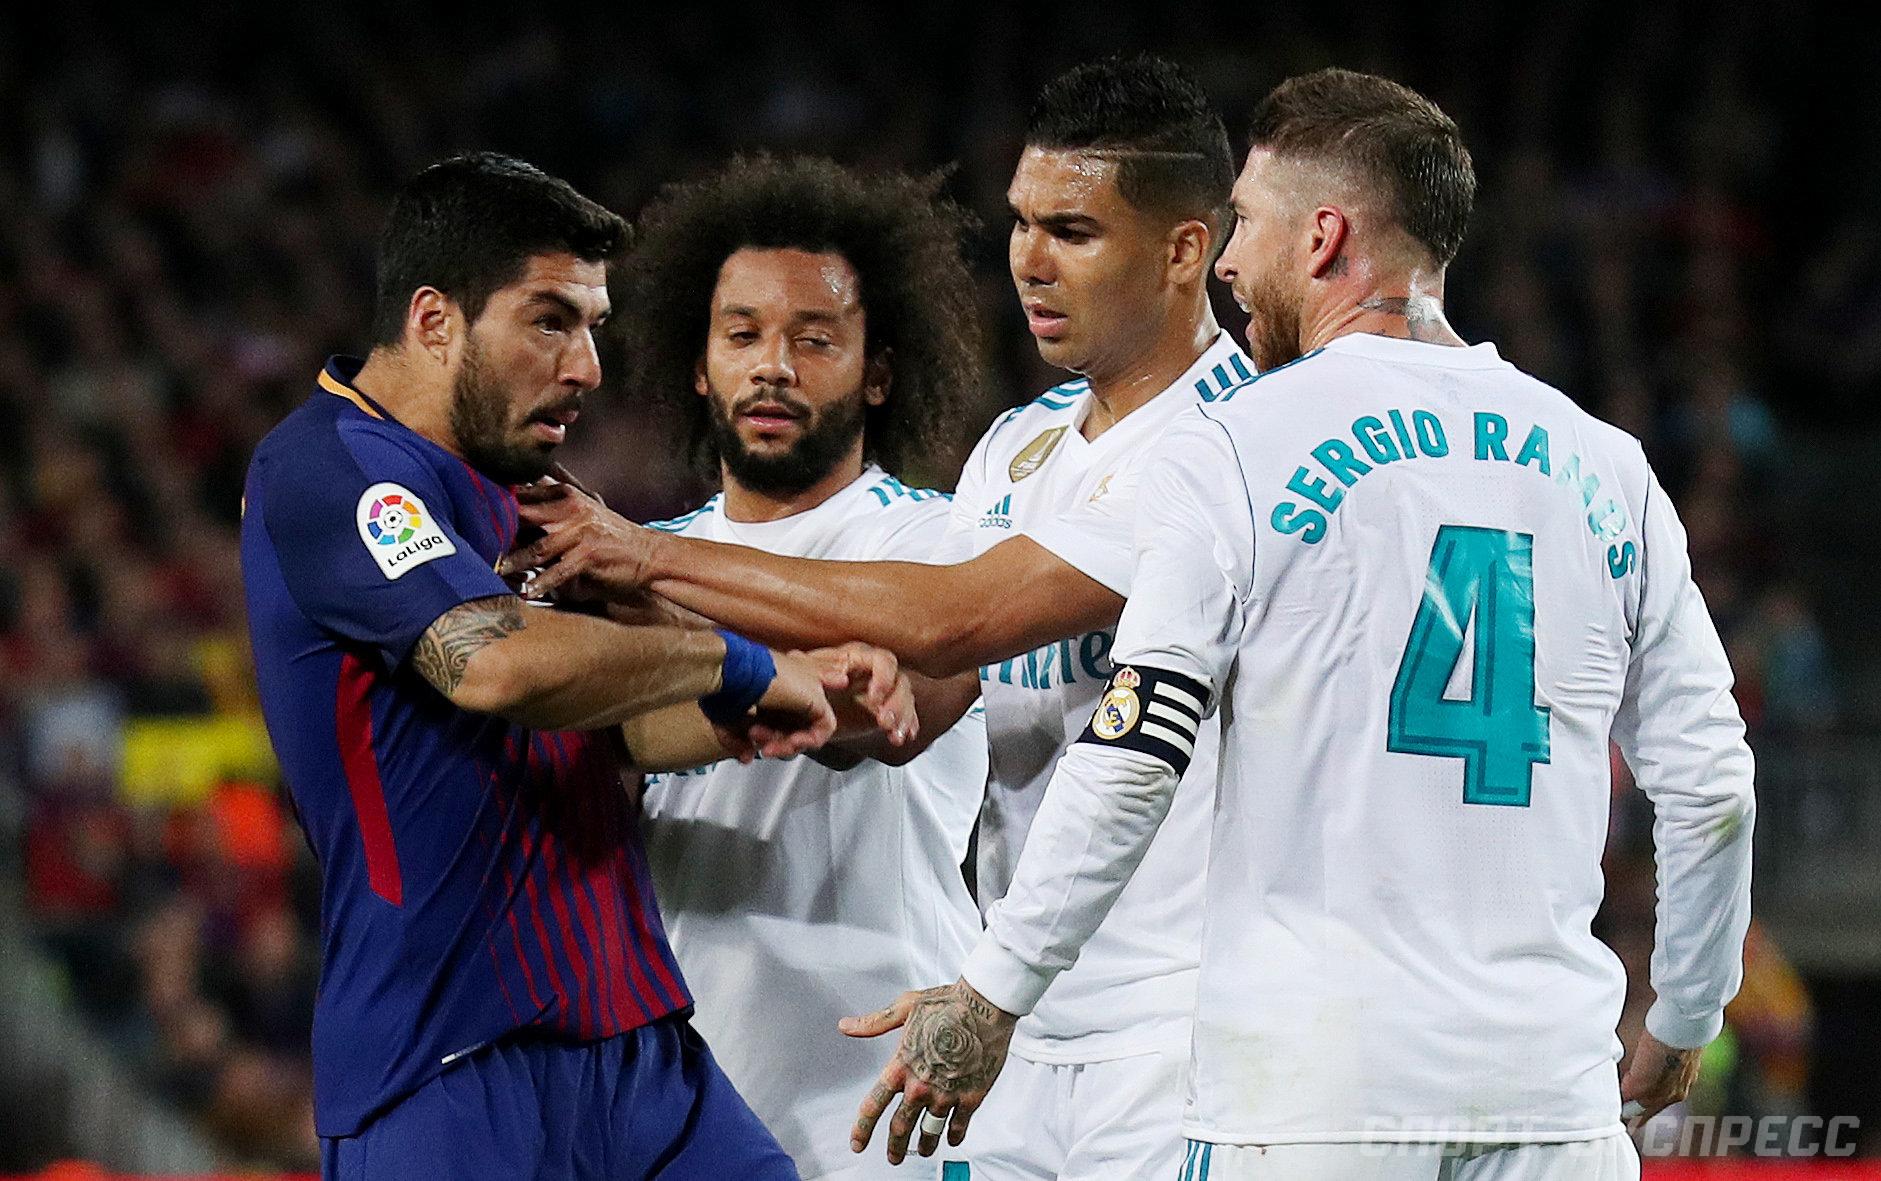 Топ-клубы Европы планируют убить Лигу чемпионов и национальные чемпионаты. Что?!